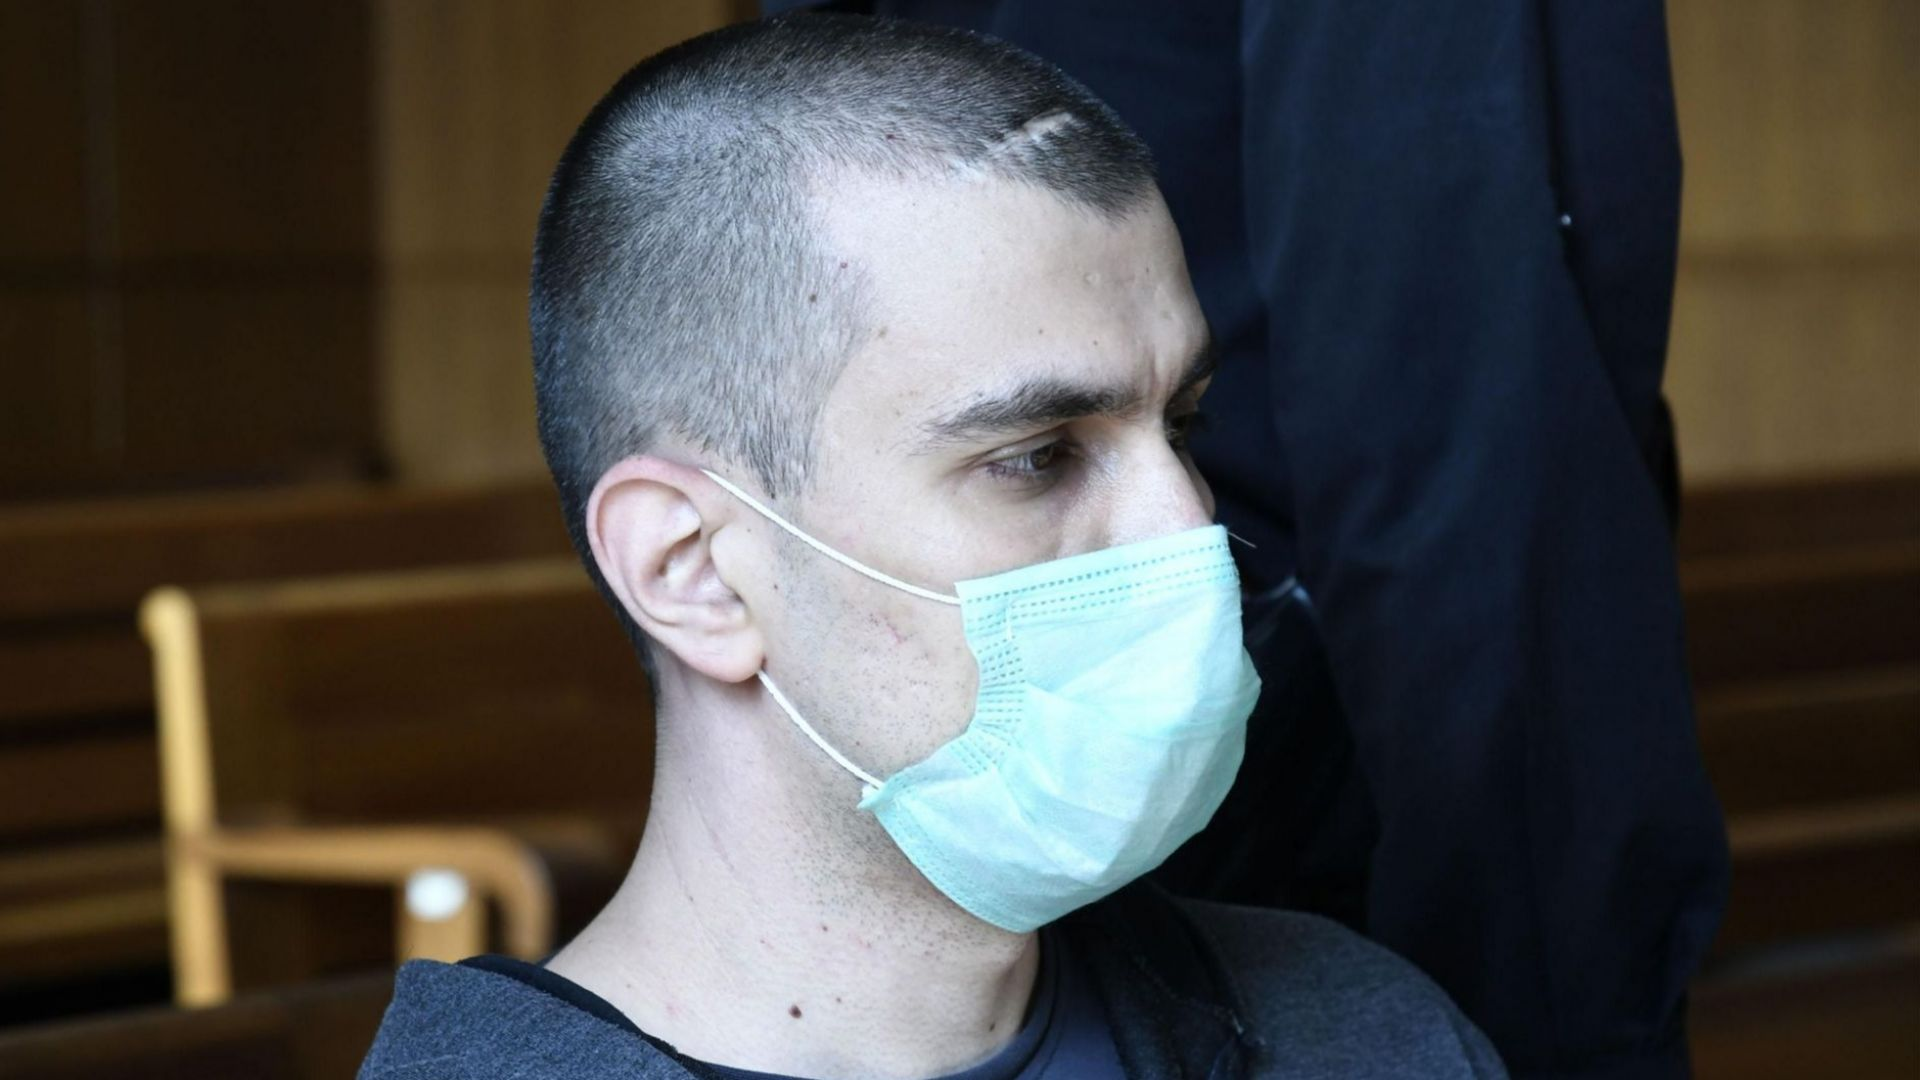 Мотивите за по-леката присъда: Викторио, който застреля жена си и бебето си, не е хладнокръвен убиец